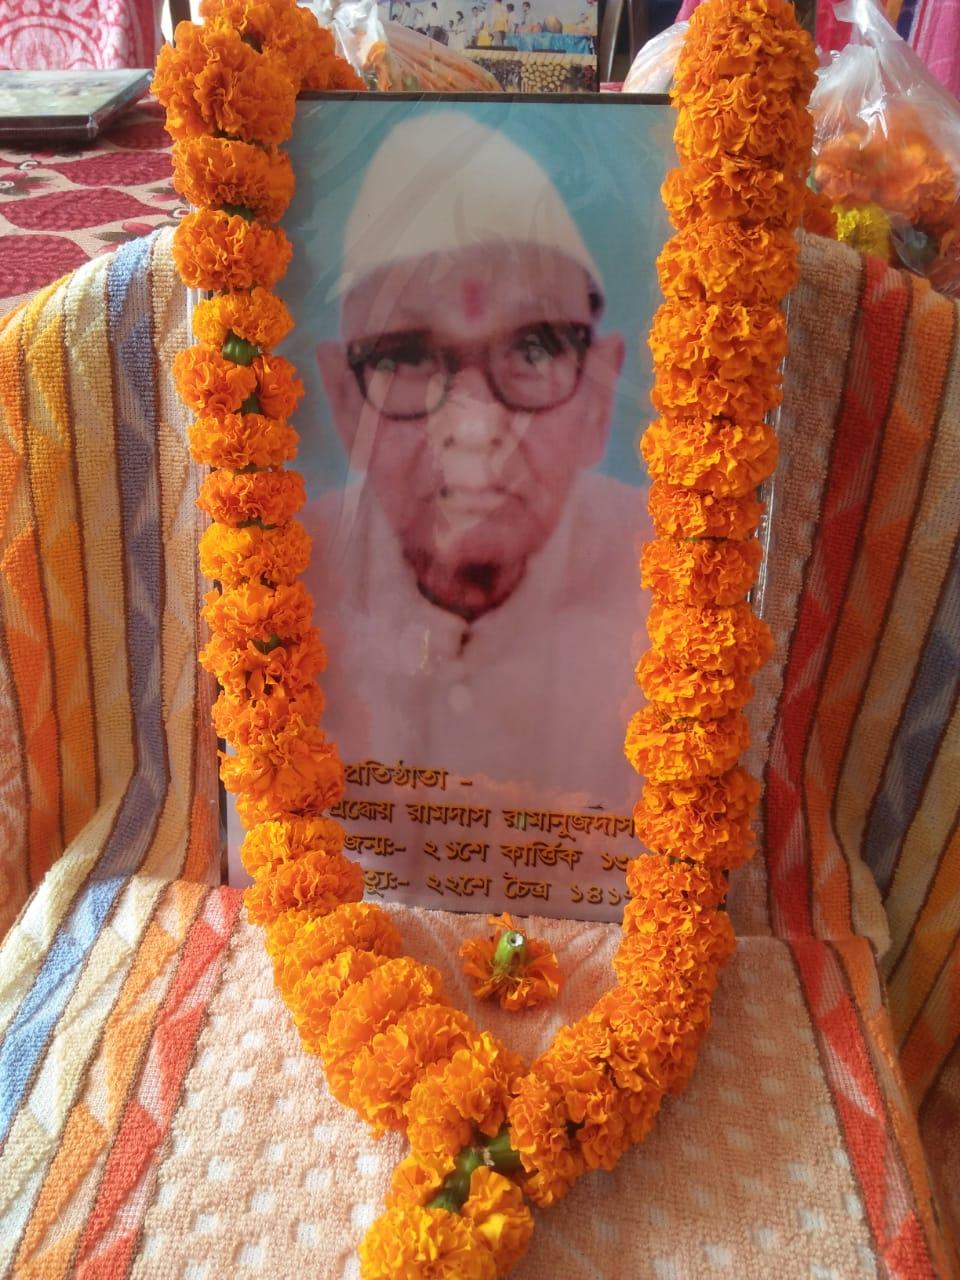 কেশপুরের শ্যামচাঁদপুর হাইস্কুলের সুবর্ণ জয়ন্তী বর্ষে পদার্পণ উৎসব